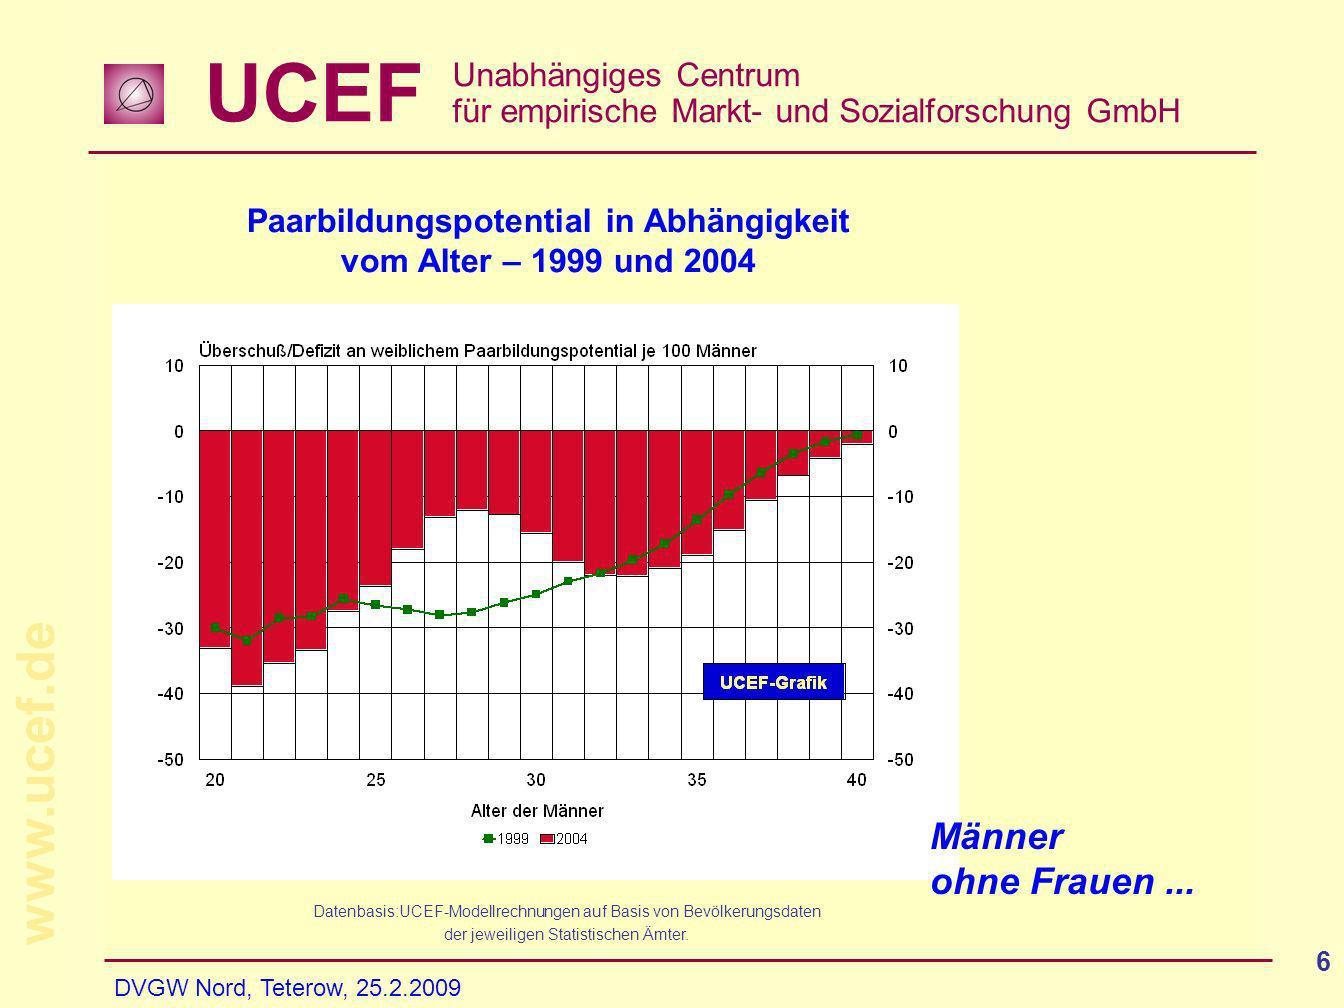 UCEF Unabhängiges Centrum für empirische Markt- und Sozialforschung GmbH www.ucef.de DVGW Nord, Teterow, 25.2.2009 7 Datenbasis: Migrationsdaten Statistisches Amt MV.